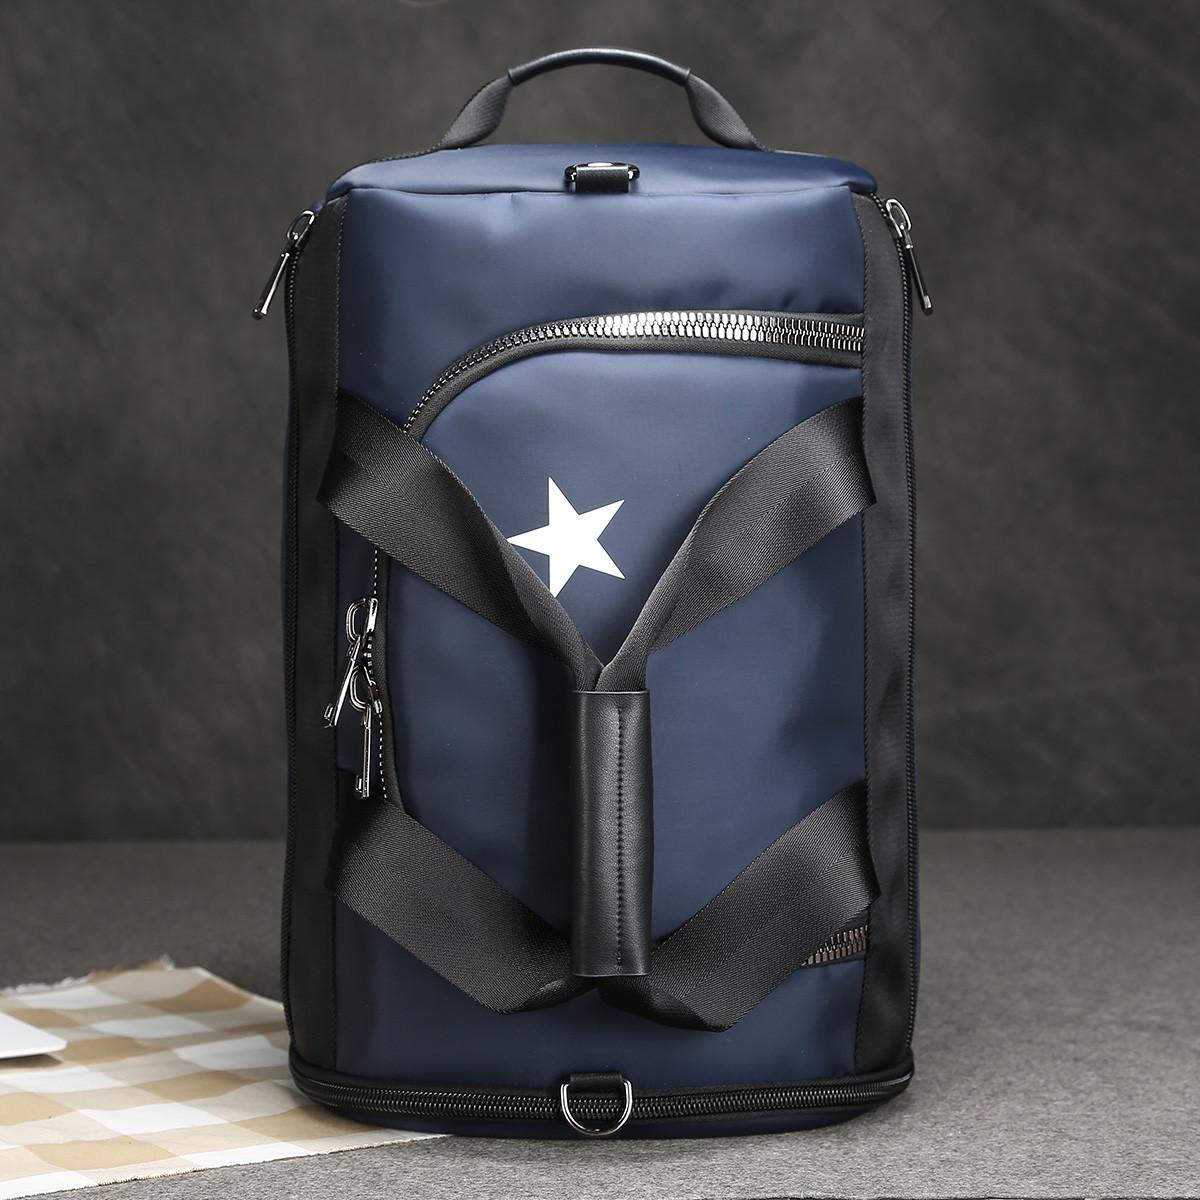 博牌 多功能休闲双肩包大容量运动训练男士背包健身行李手提旅行包